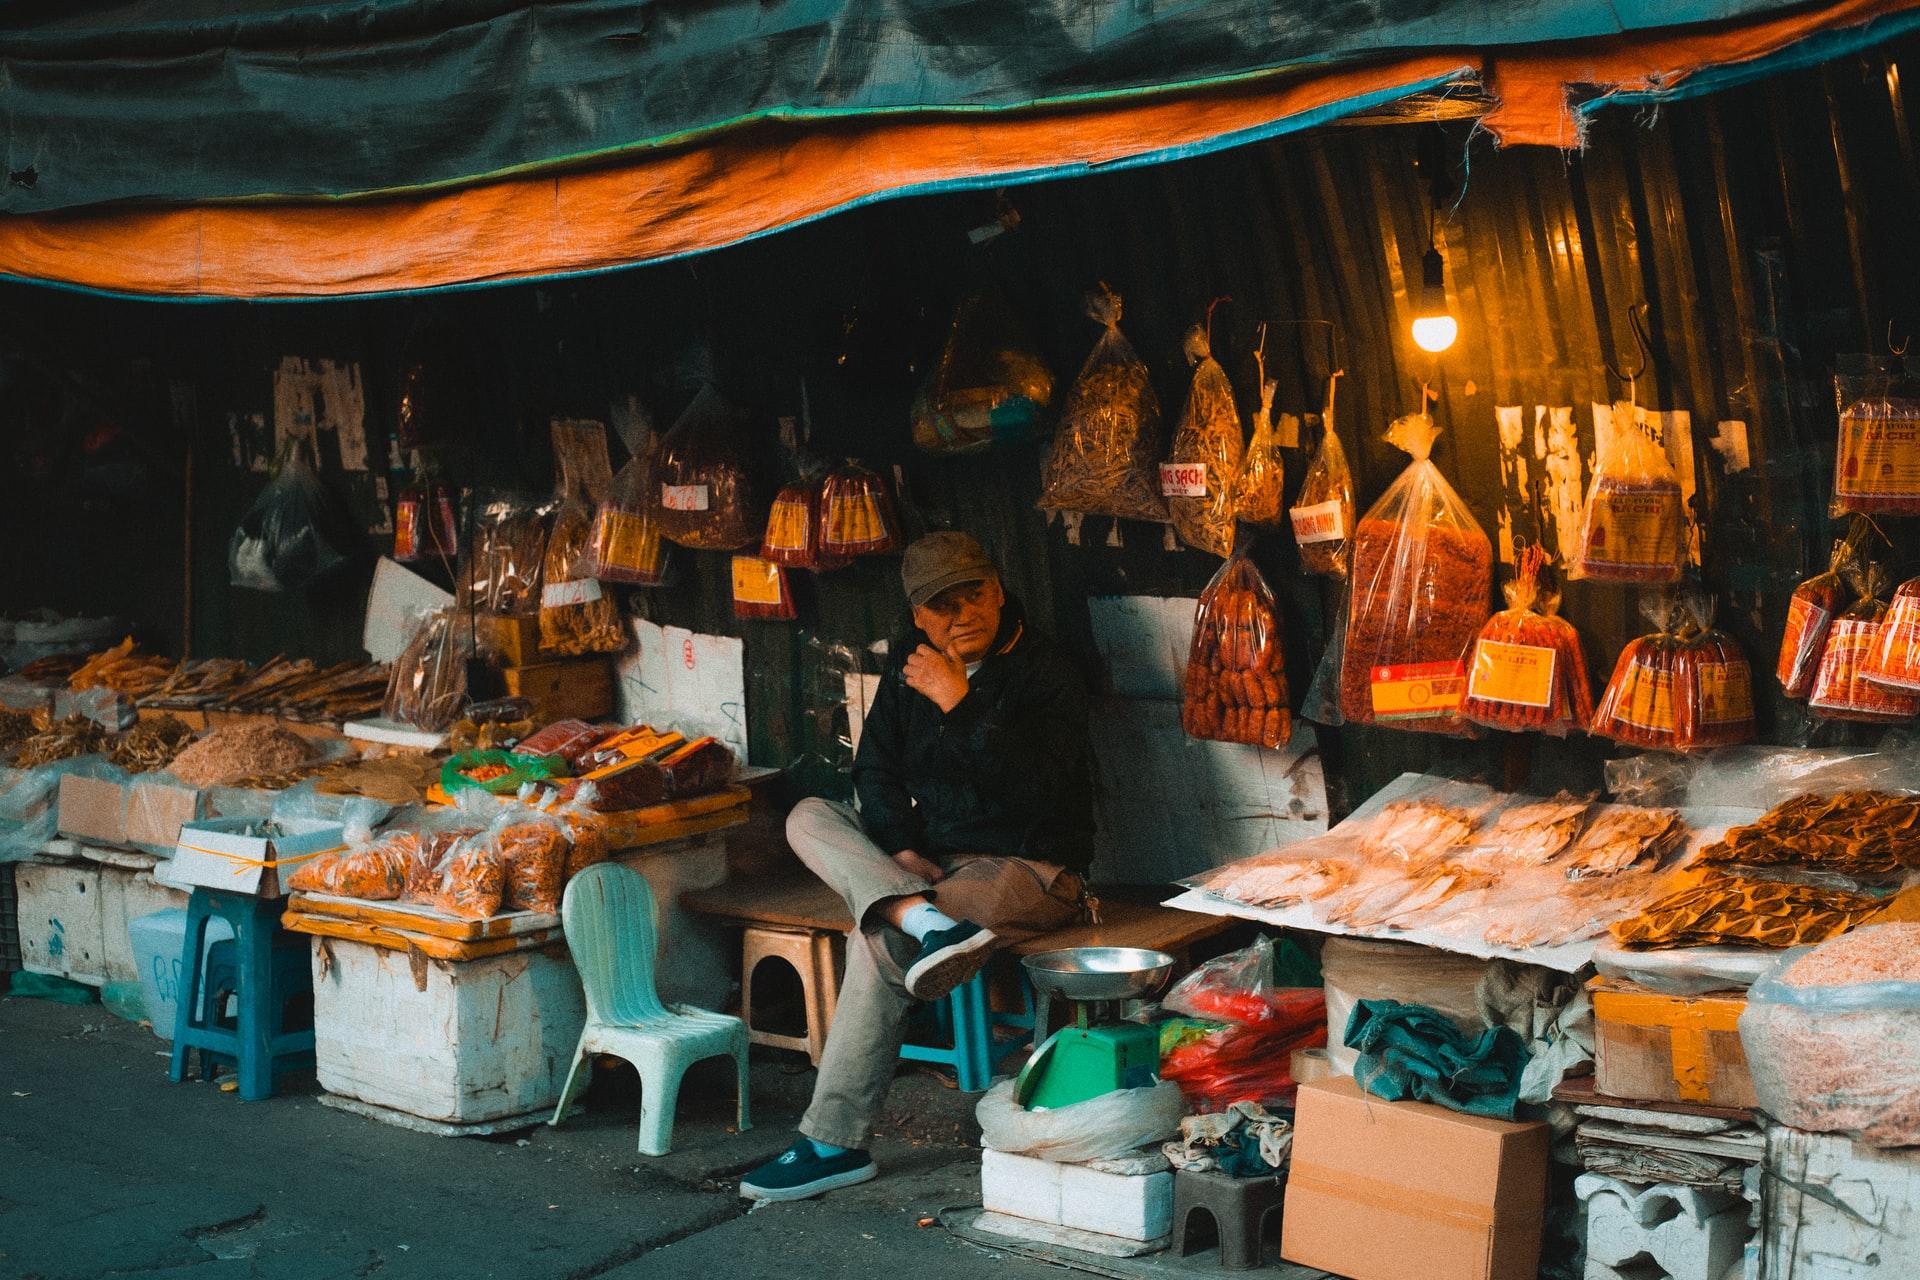 historia de un avicultor peruano durante crisis del covid